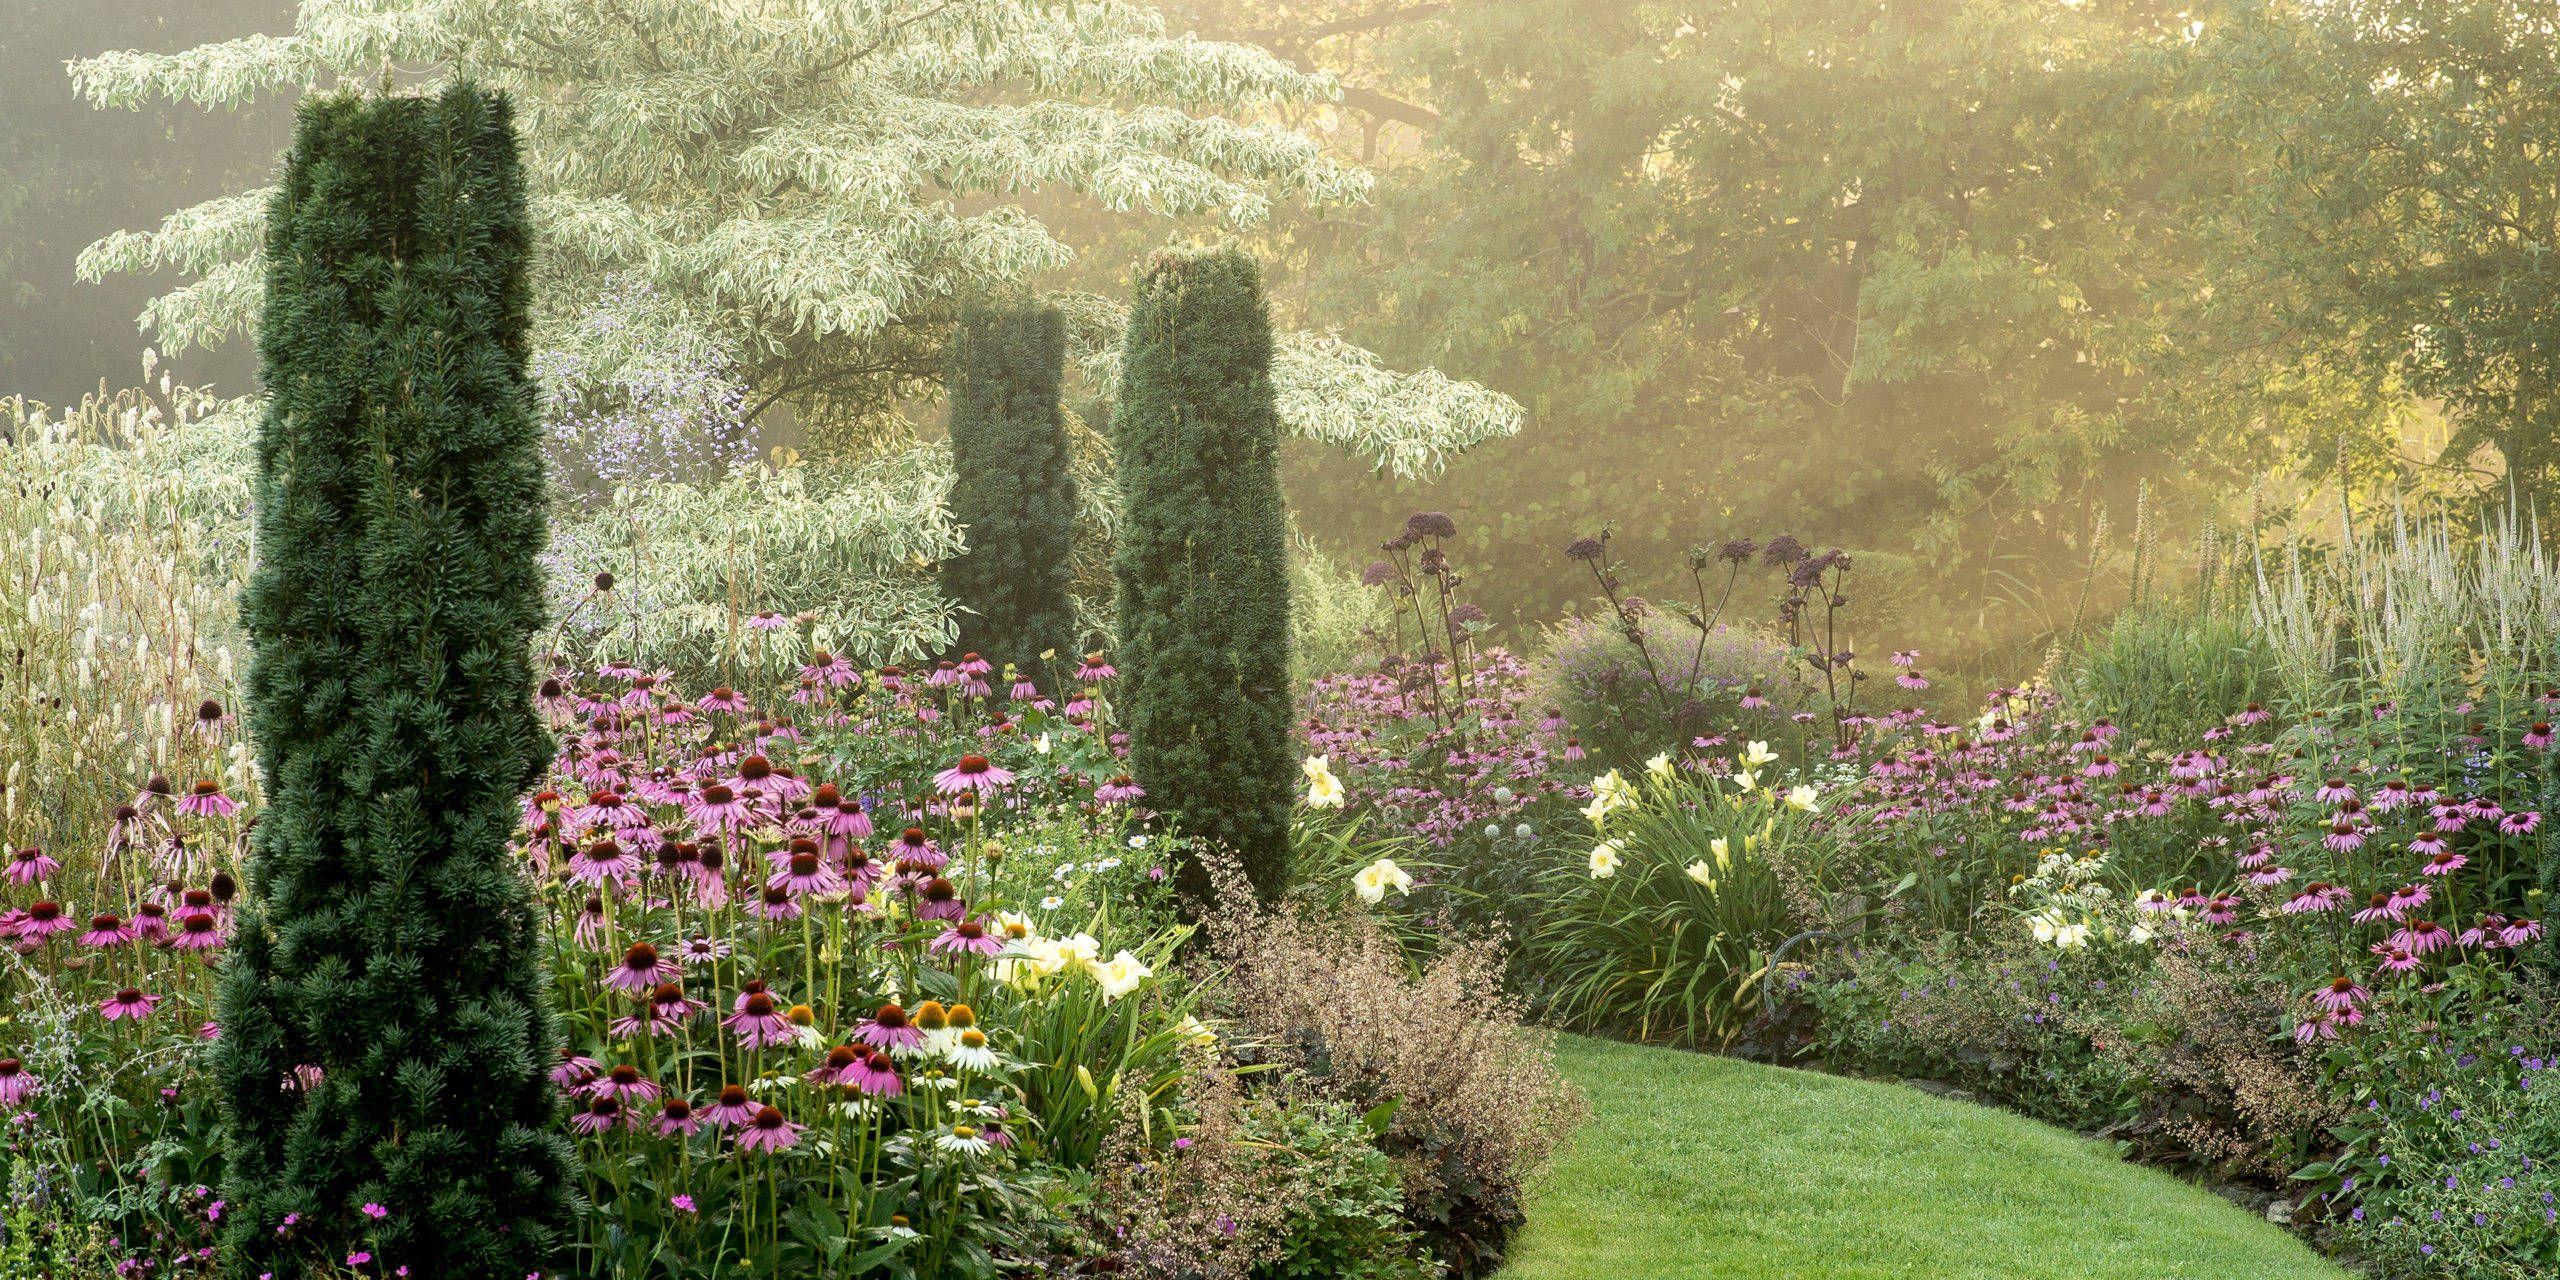 Bilder Besuchergarten Und Gartnerei Bei Oldenburg Garten Traumgarten Gartnerei